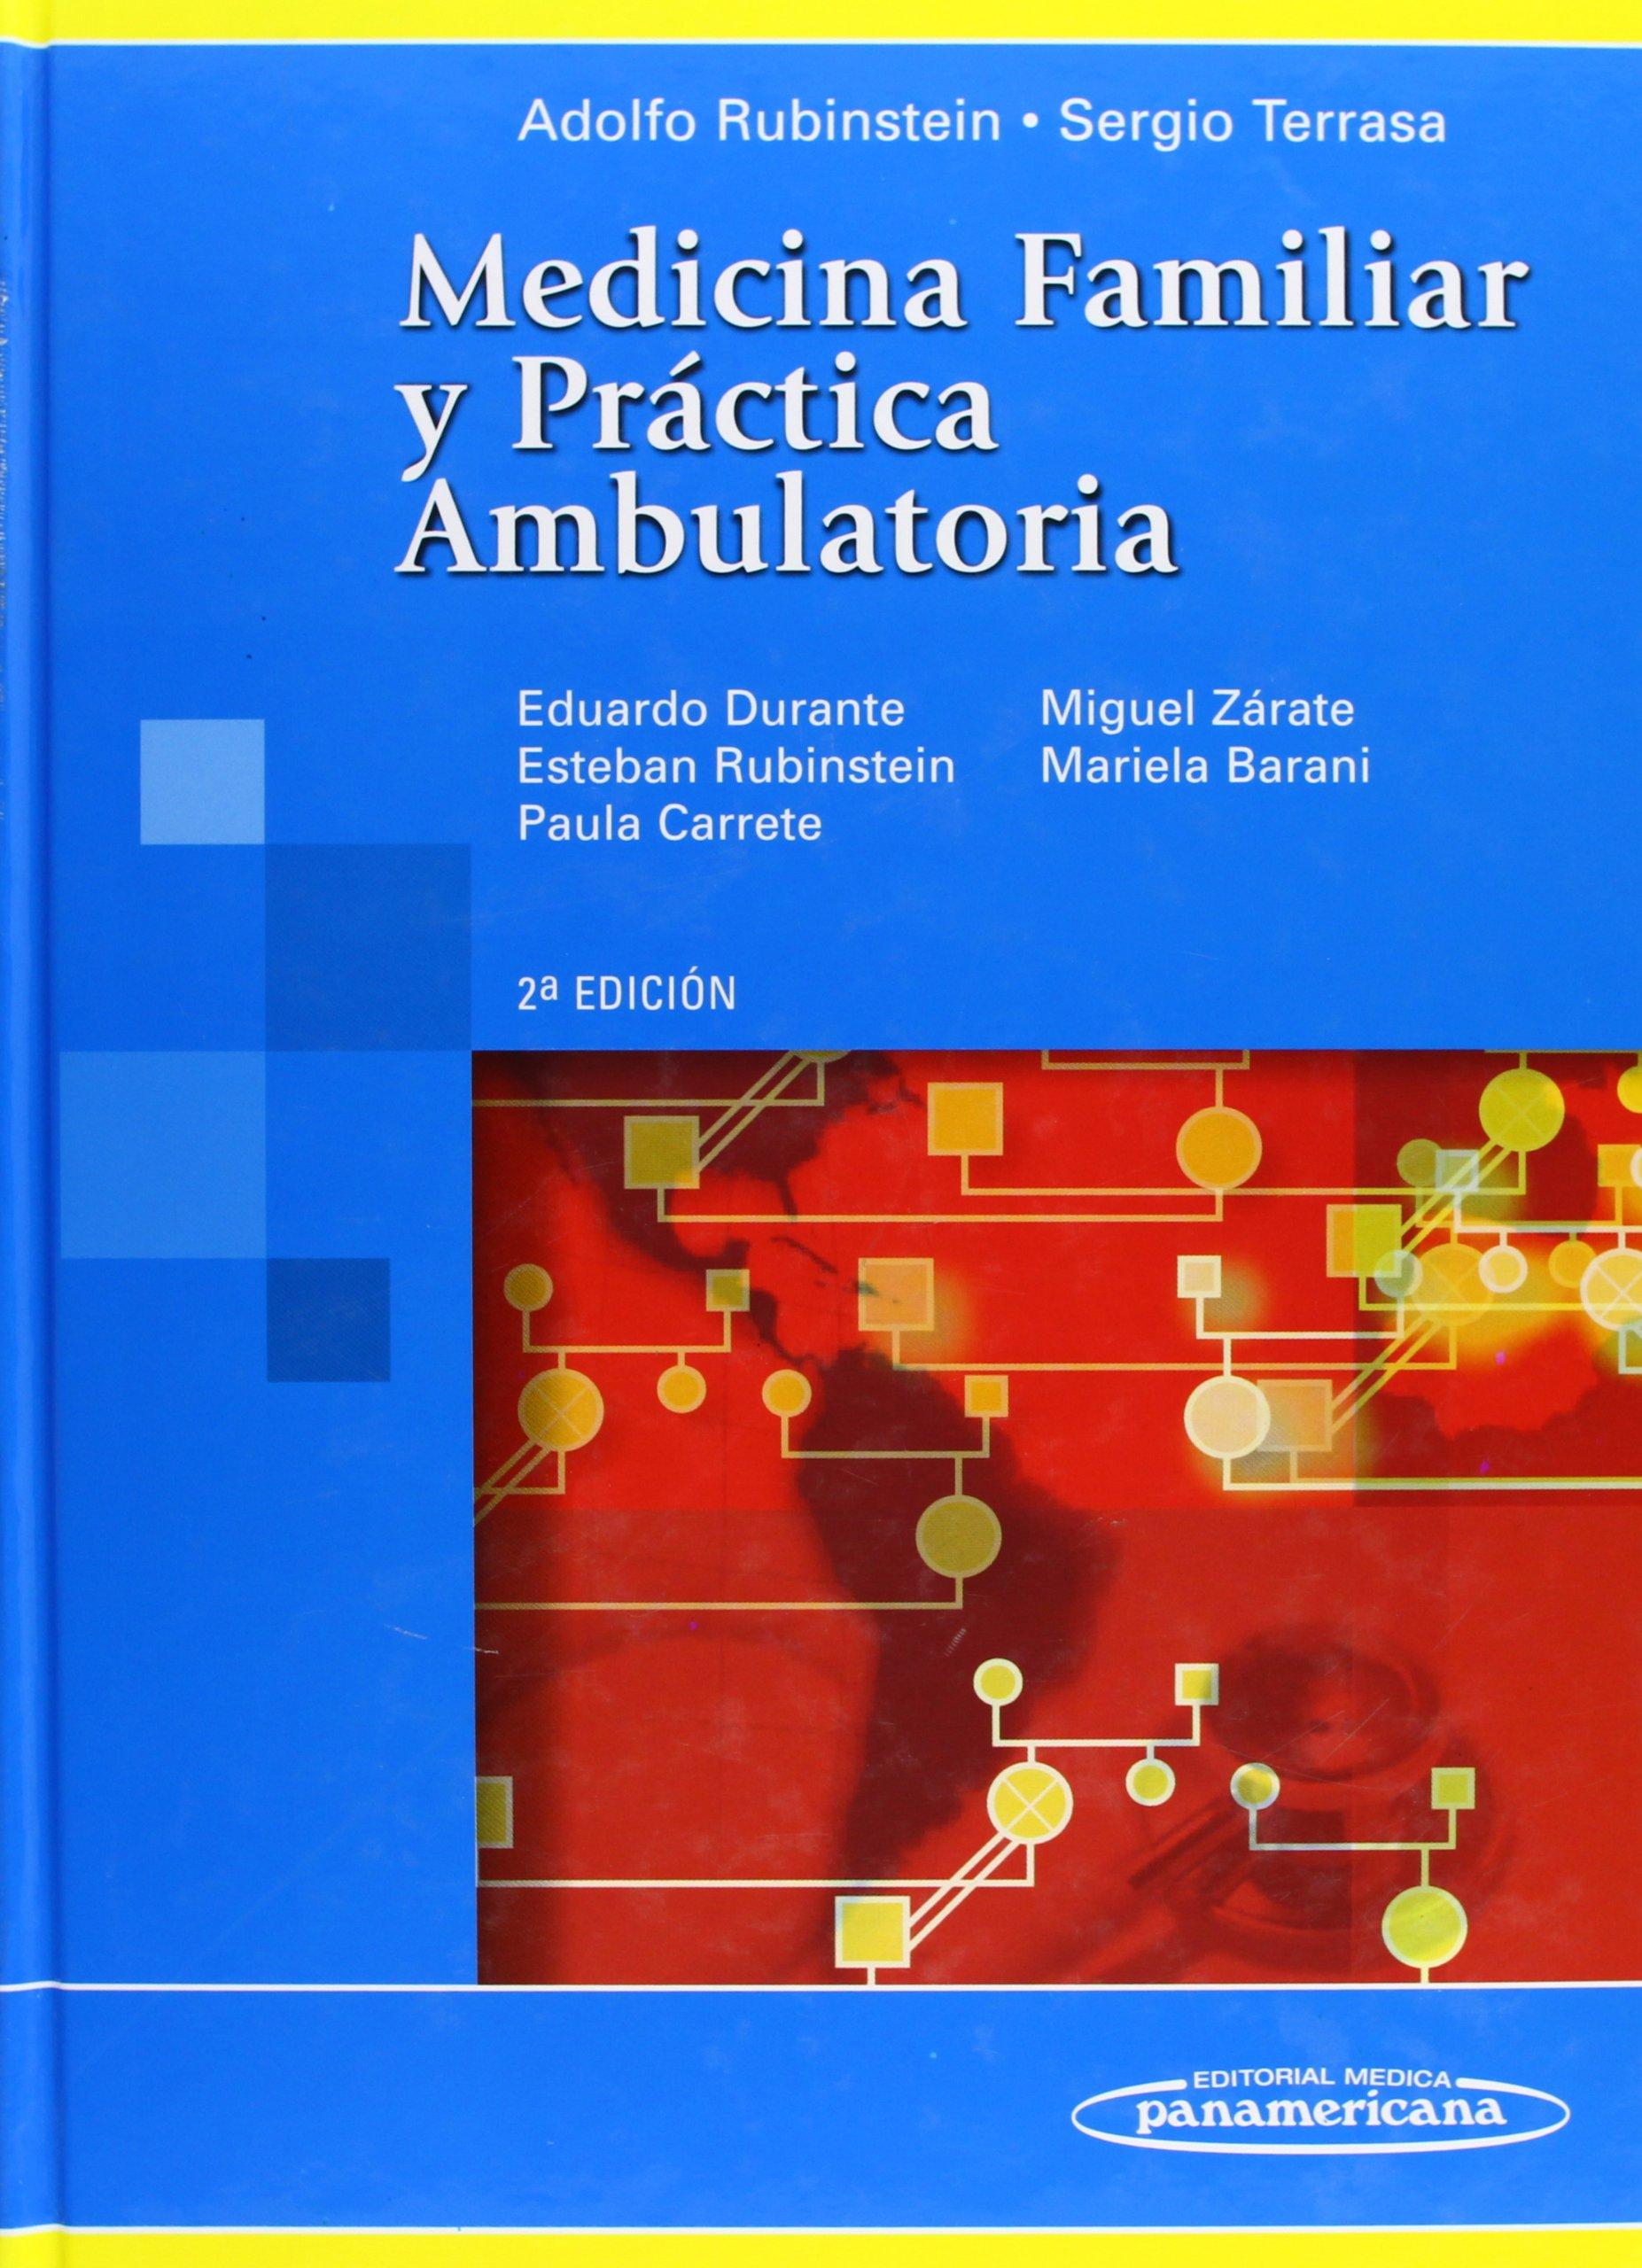 medicina familiar y practica ambulatoria 3 edicion descargar gratis